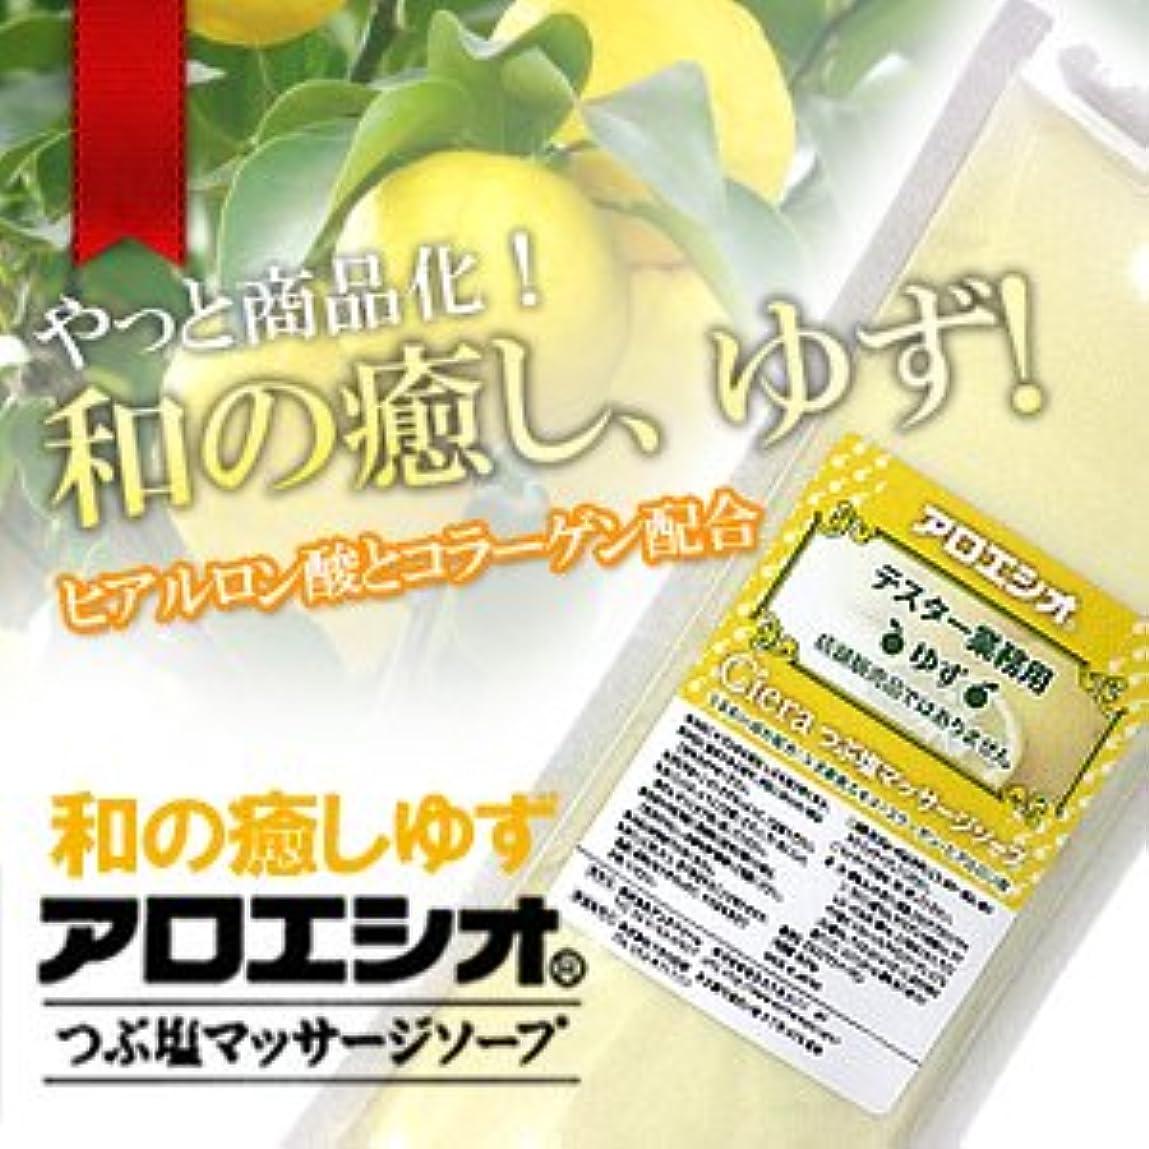 ピンポイント染料メロドラマゆず アロエ塩 800g つぶ塩マッサージソープ/フタバ化学 アロエシオ